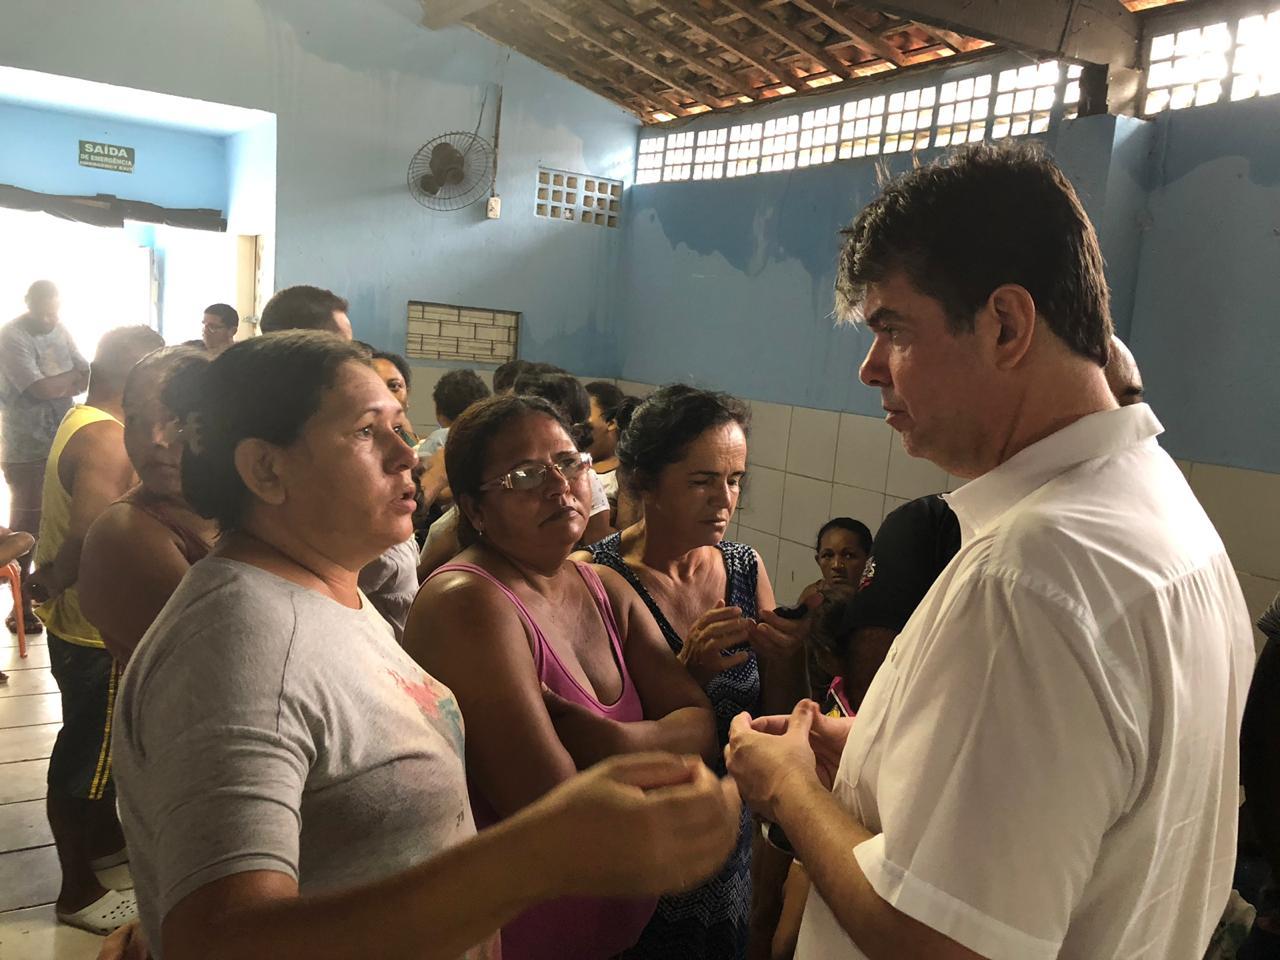 378786a0 3bd8 4c5c 8372 e3068b87a44b - Deputado Ruy Carneiro visita bairro afetado pelas chuvas, em João Pessoa